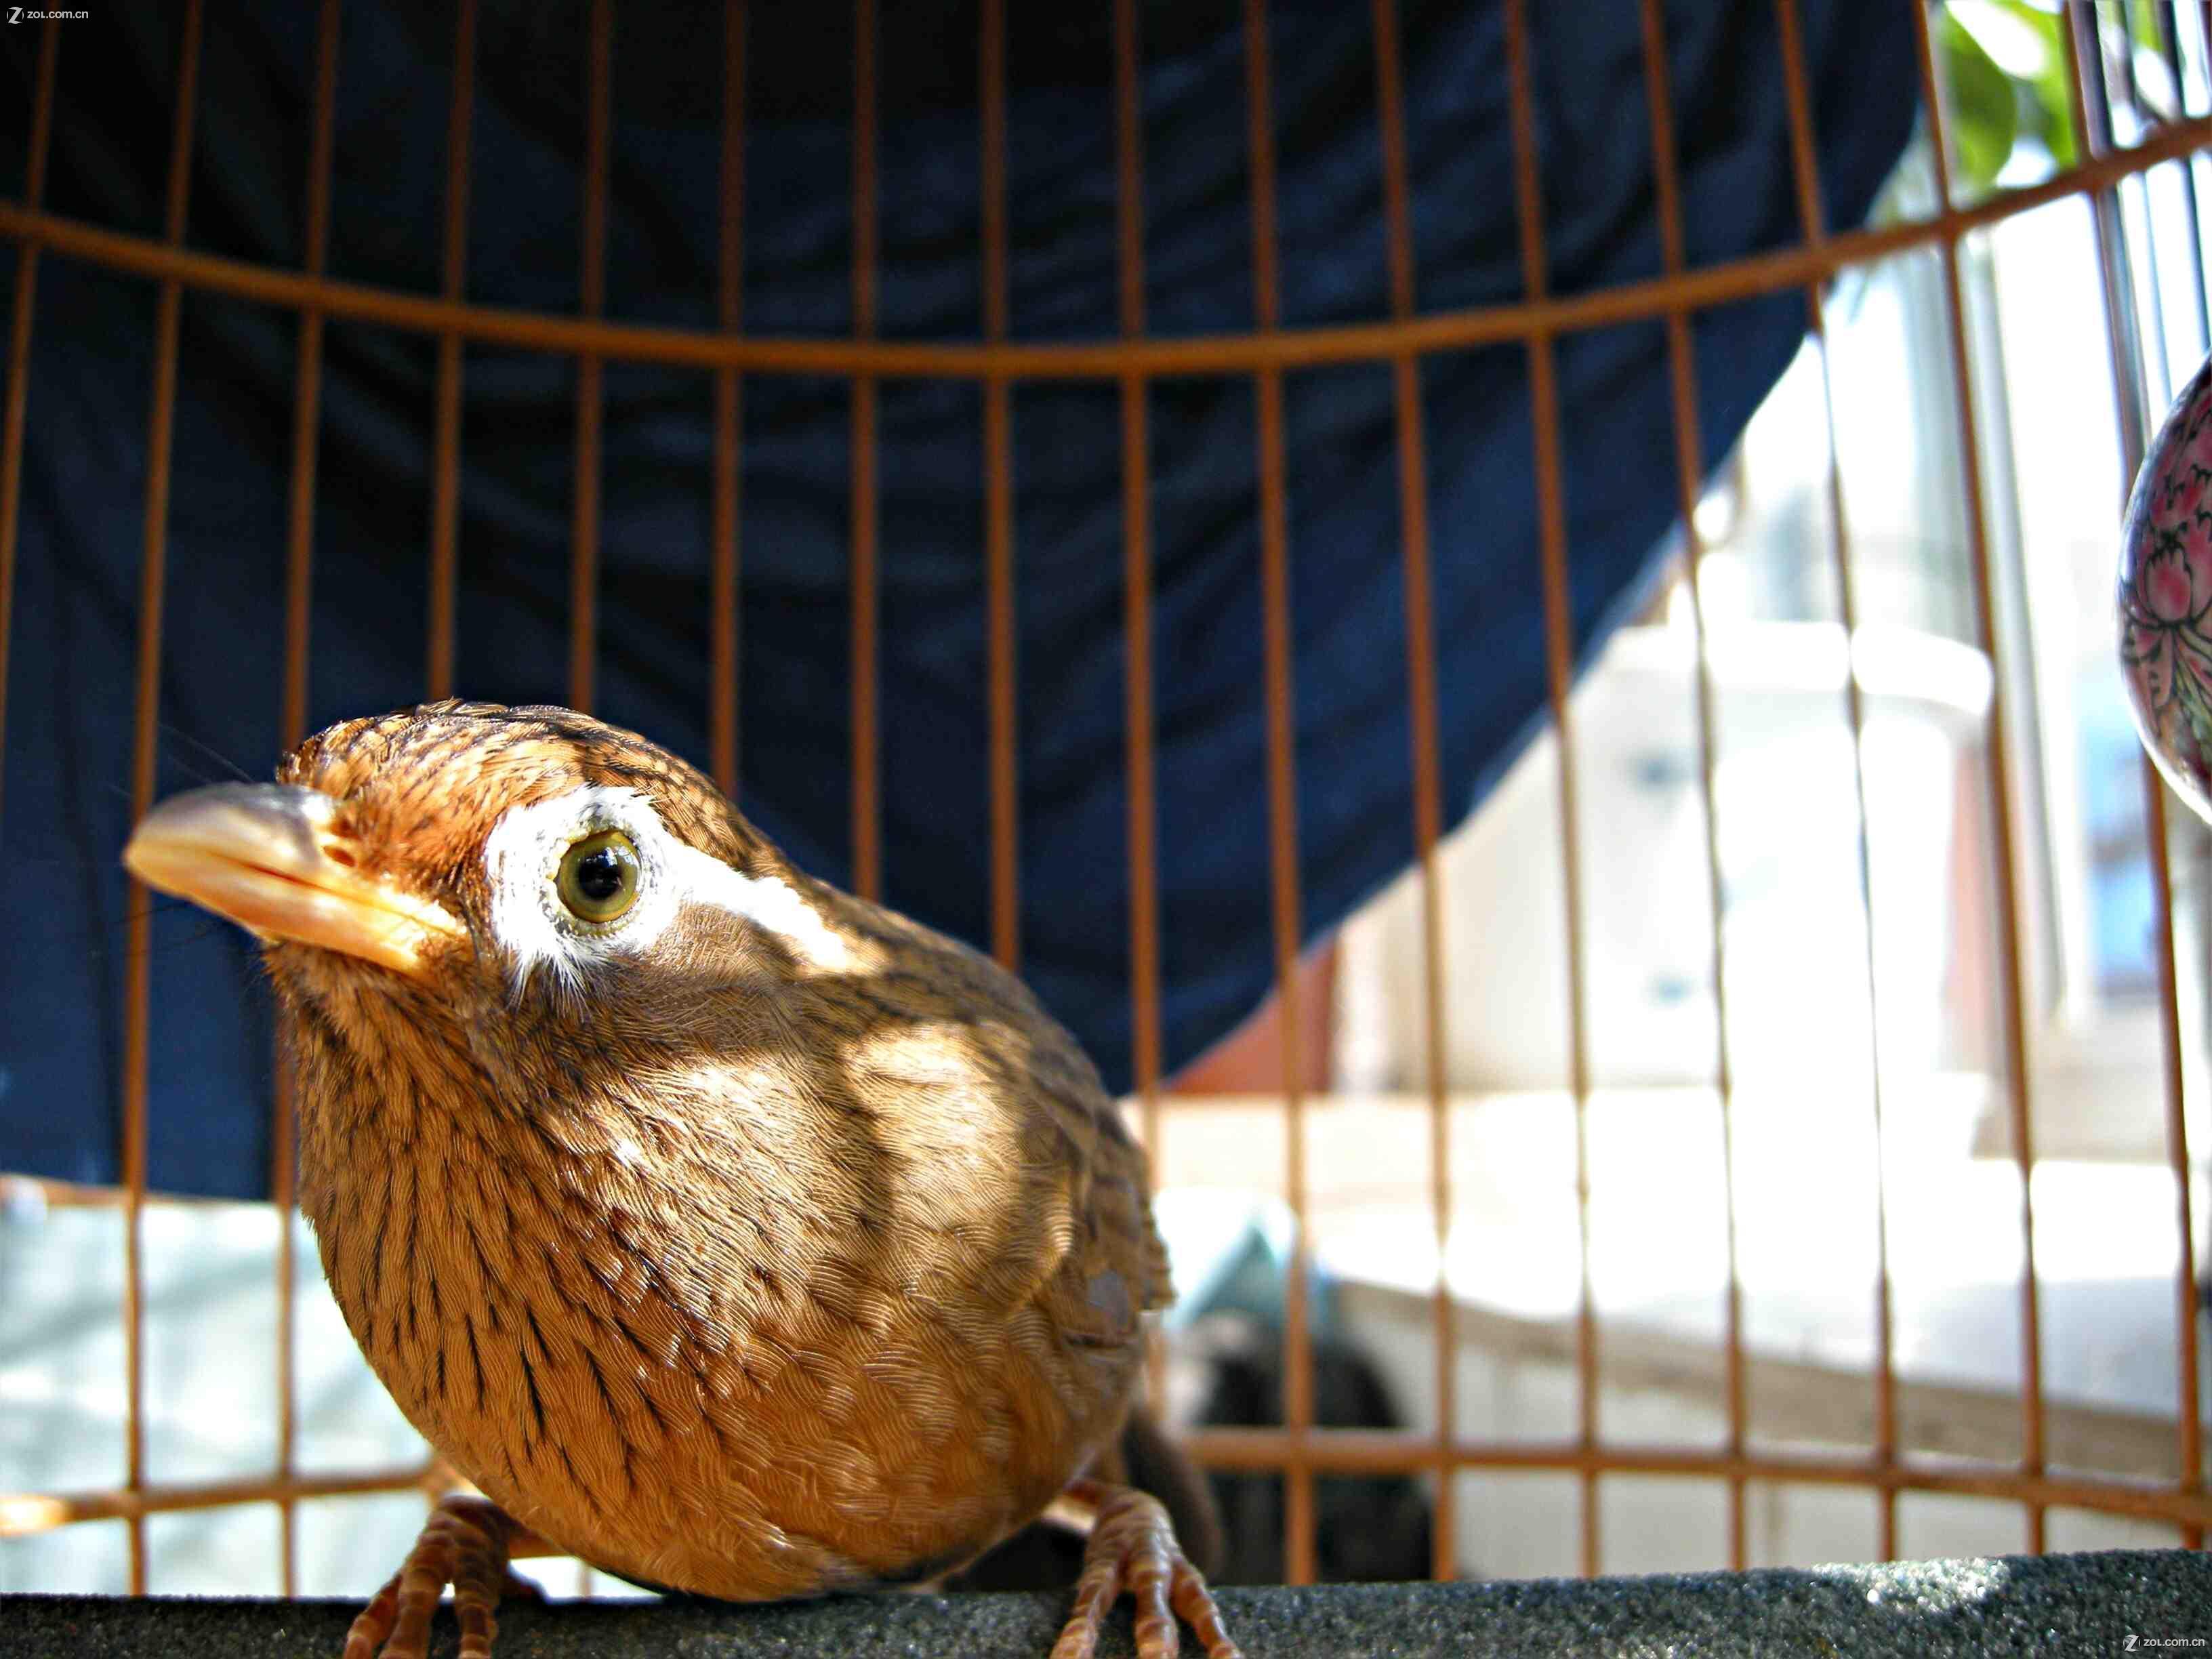 ... 鸟狂叫声 画眉打鸟什么头形最凶-涩涩爱_涩涩爱图片